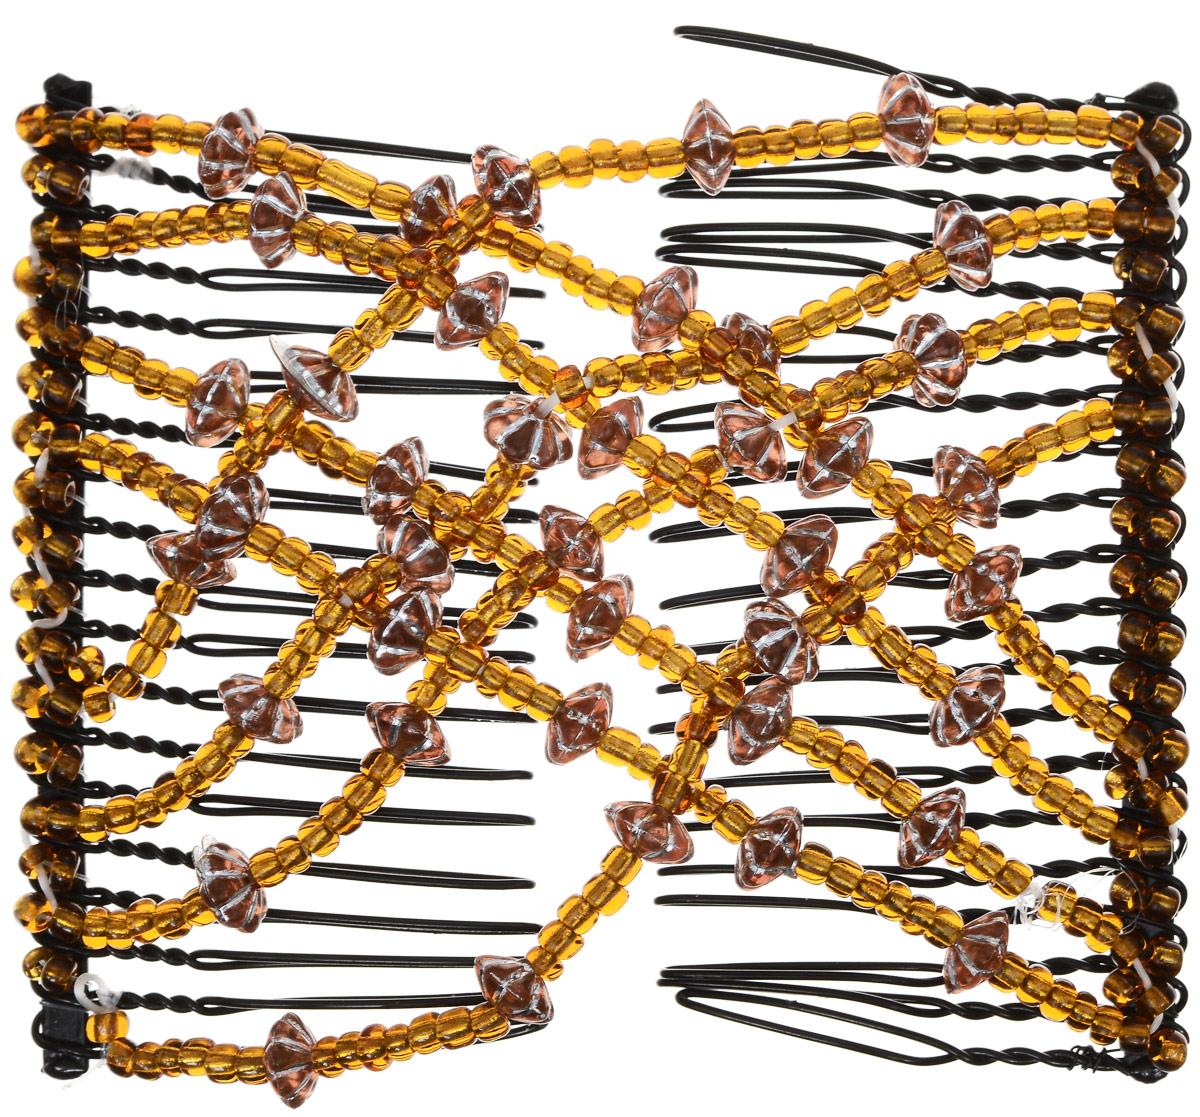 EZ-Combs Заколка Изи-Комбс, одинарная, цвет: коричневый. ЗИО_цветок с серебром859058Удобная и практичная EZ-Combs подходит для любого типа волос: тонких, жестких, вьющихся или прямых, и не наносит им никакого вреда. Заколка не мешает движениям головы и не создает дискомфорта, когда вы отдыхаете или управляете автомобилем. Каждый гребень имеет по 20 зубьев для надежной фиксации заколки на волосах! И даже во время бега и интенсивных тренировок в спортзале EZ-Combs не падает; она прочно фиксирует прическу, сохраняя укладку в первозданном виде.Небольшая и легкая заколка для волос EZ-Combs поместится в любой дамской сумочке, позволяя быстро и без особых усилий создавать неповторимые прически там, где вам это удобно. Гребень прекрасно сочетается с любой одеждой: будь это классический или спортивный стиль, завершая гармоничный облик современной леди. И неважно, какой образ жизни вы ведете, если у вас есть EZ-Combs, вы всегда будете выглядеть потрясающе.